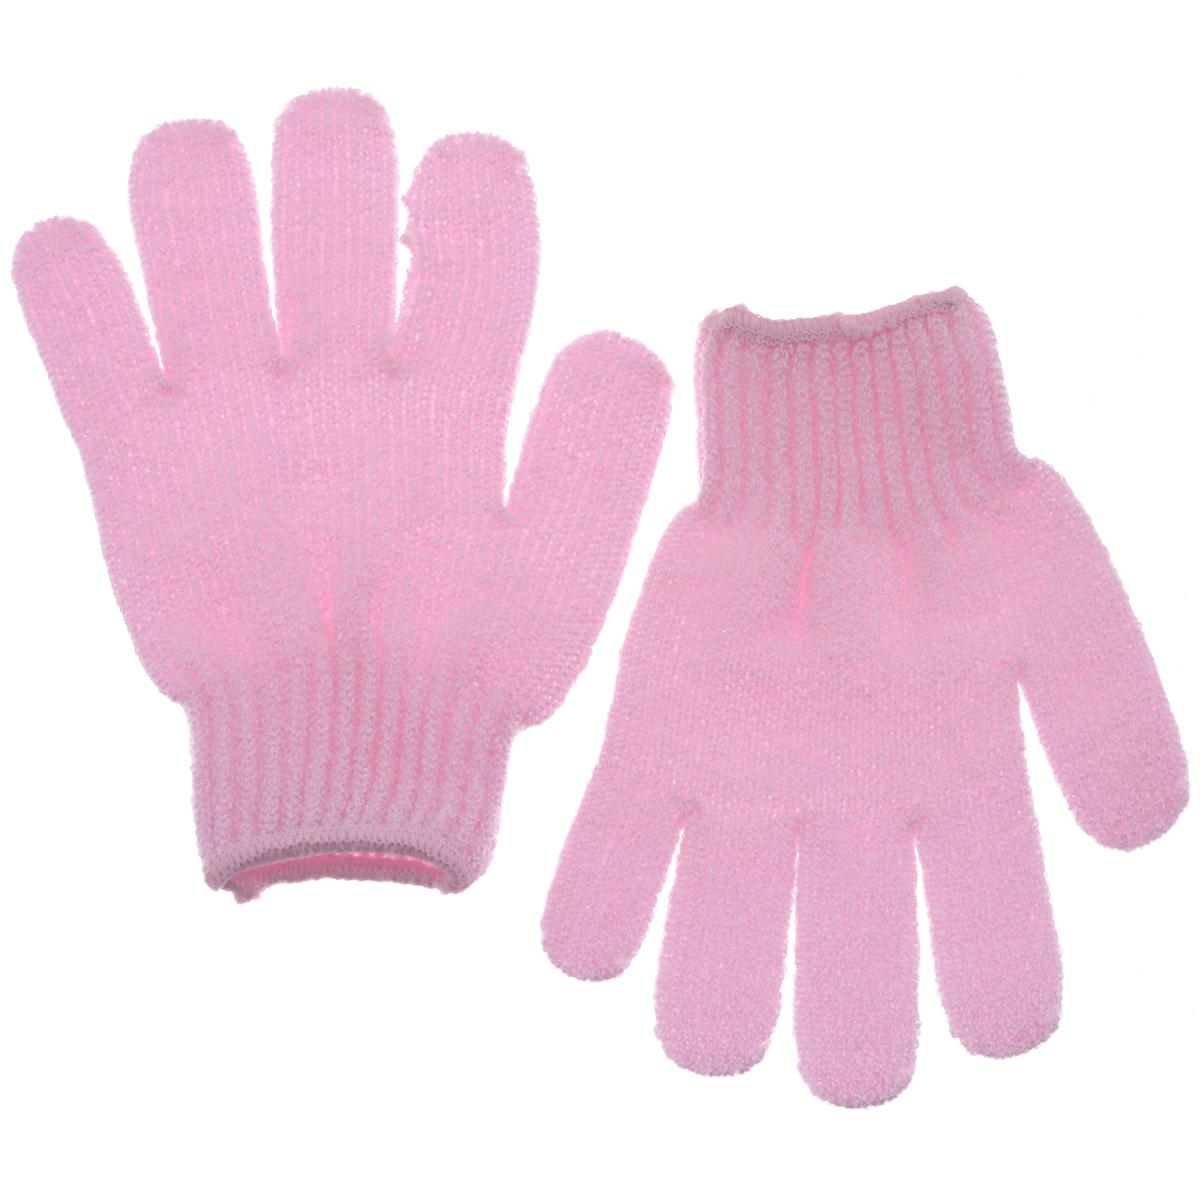 Riffi Перчатки для пилинга, цвет: розовый615_розовыйЭластичные безразмерные перчатки Riffi обладают активным антицеллюлитным эффектом и отличным пилинговым действием, тонизируя, массируя и эффективно очищая вашу кожу. Riffi освобождает кожу от отмерших клеток, стимулирует регенерацию. Эффективно предупреждают образование целлюлита и обеспечивают омолаживающий эффект. Кожа становится гладкой, упругой и лучше готовой к принятию косметических средств. Интенсивный и пощипывающе свежий массаж тела с применением Riffi стимулирует кровообращение, активирует кровоснабжение, способствует обмену веществ. В комплекте 1 пара перчаток. Характеристики: Материал: 100% полиакрил. Размер перчатки (в нерастянутом виде): 17,5 см x 12,5 см. Артикул: 615.